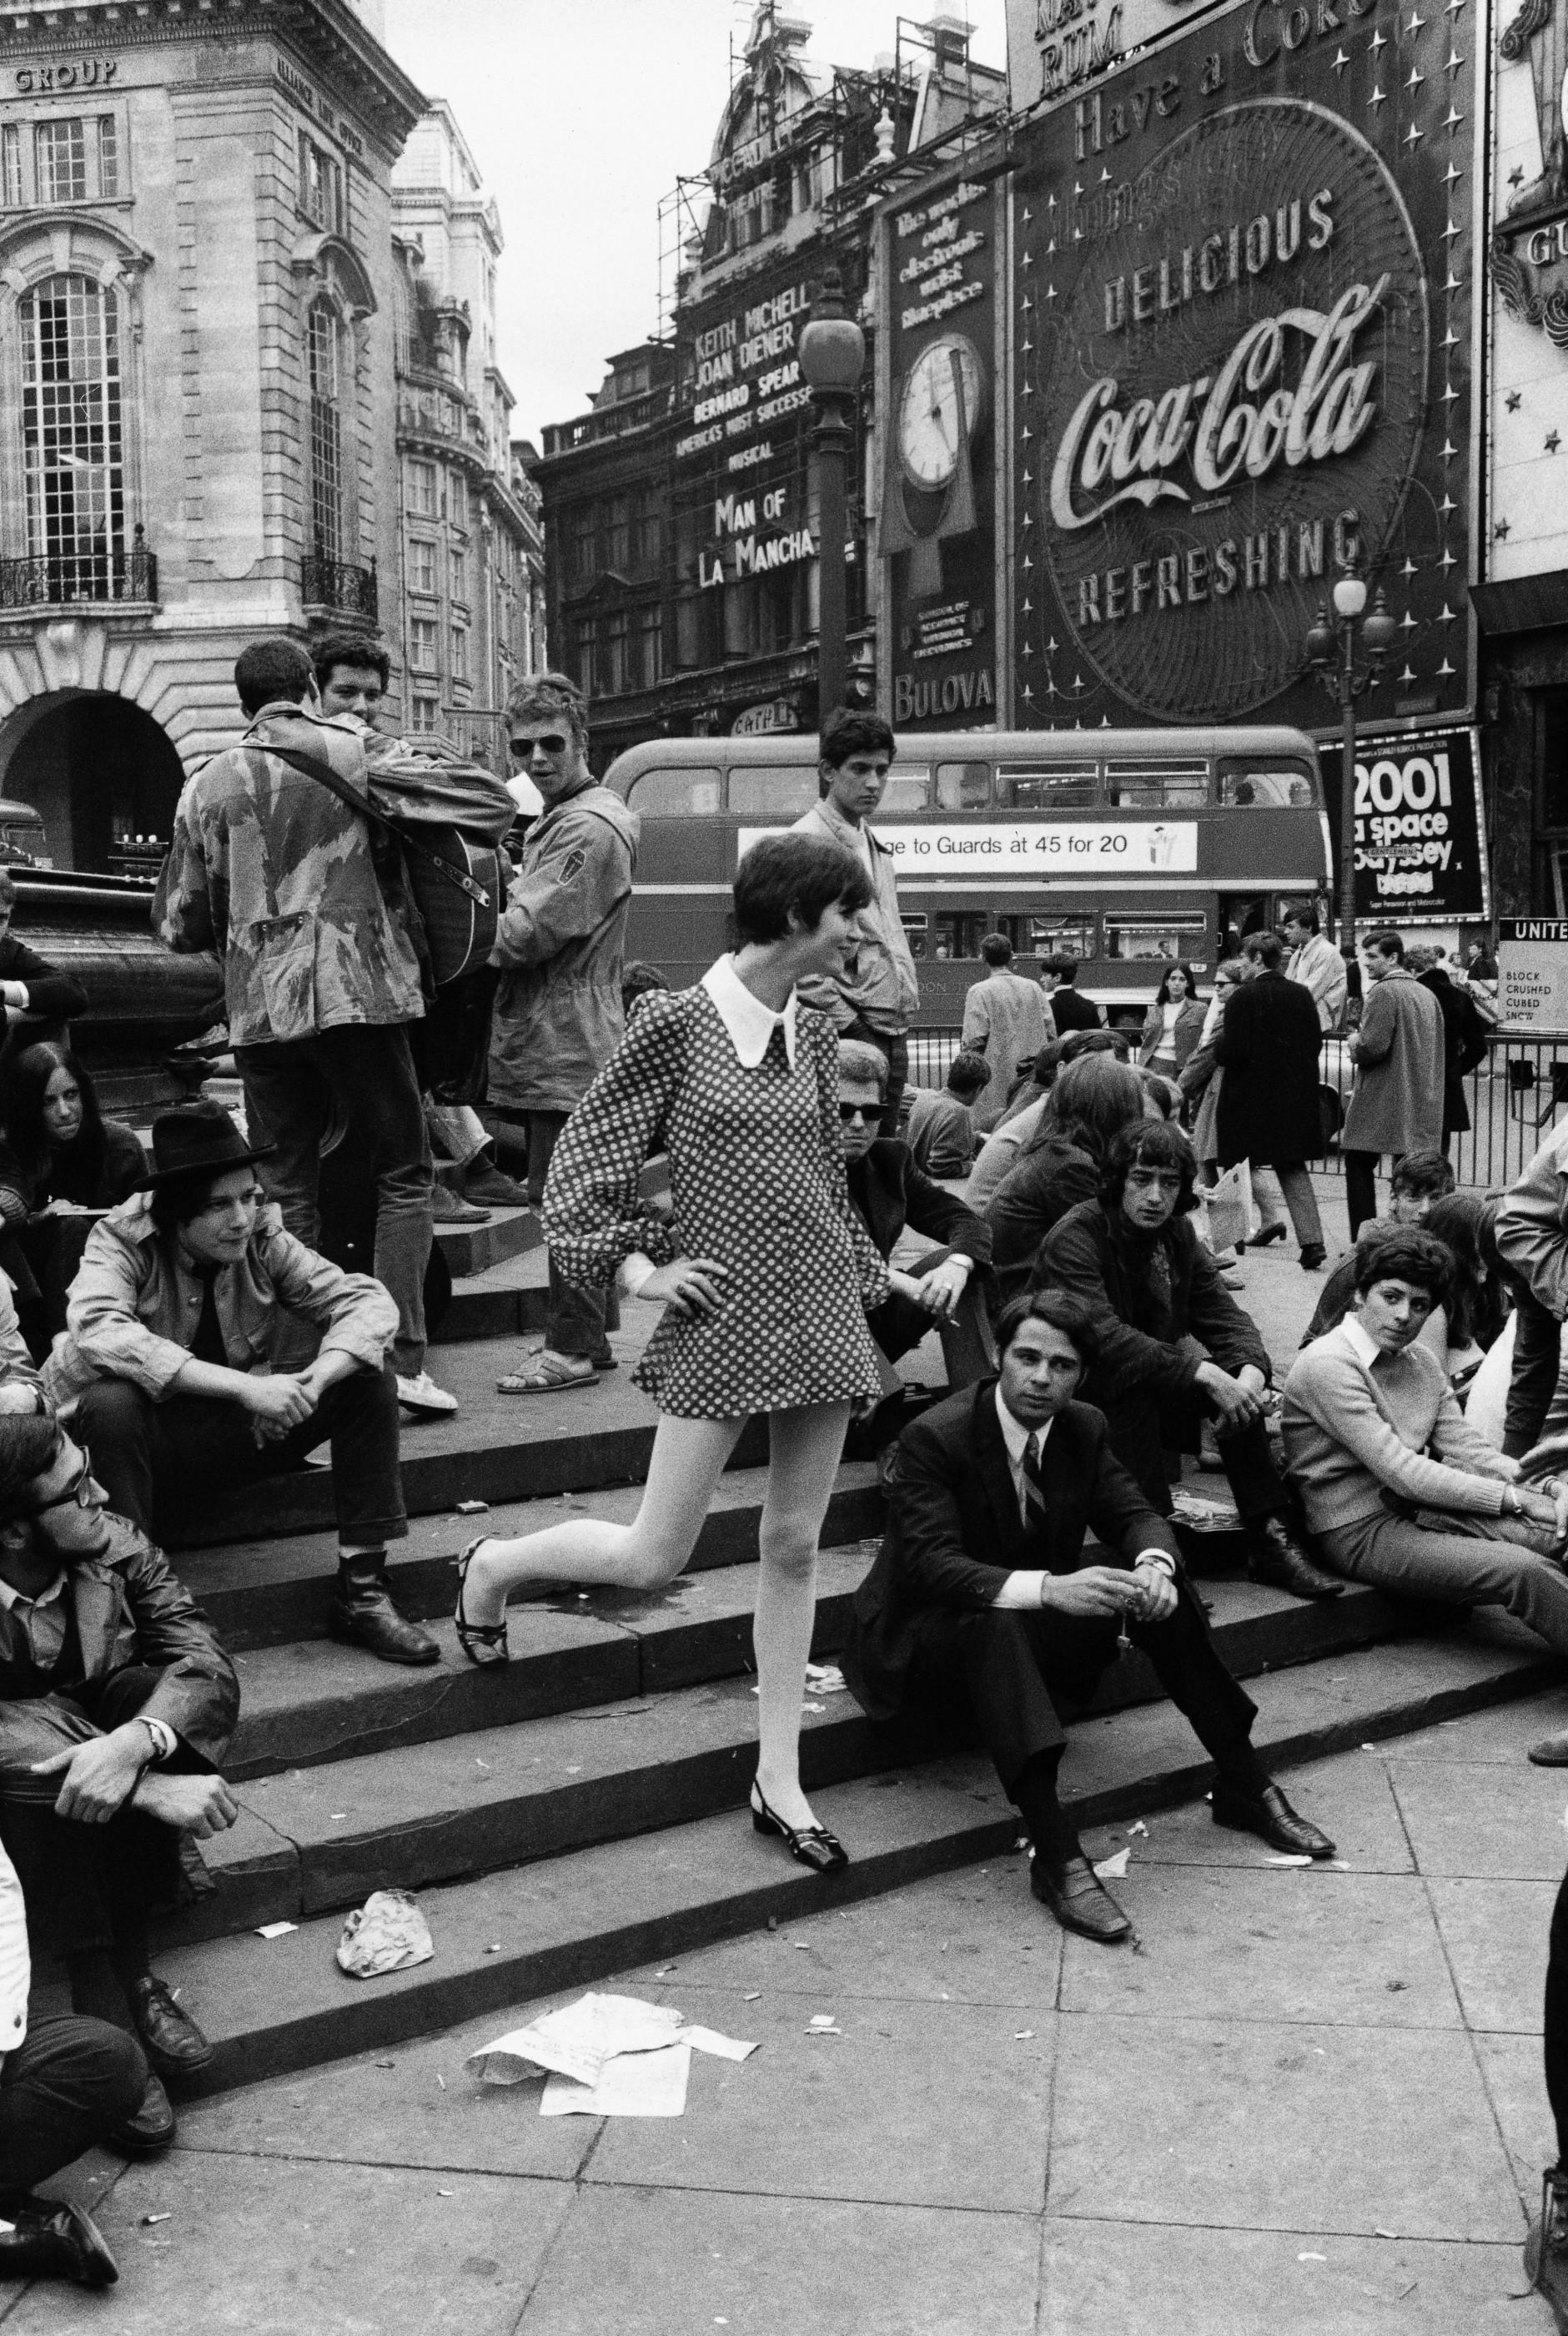 Rudi Meisel: Picadilly Circus, London, 1968. © Rudi Meisel